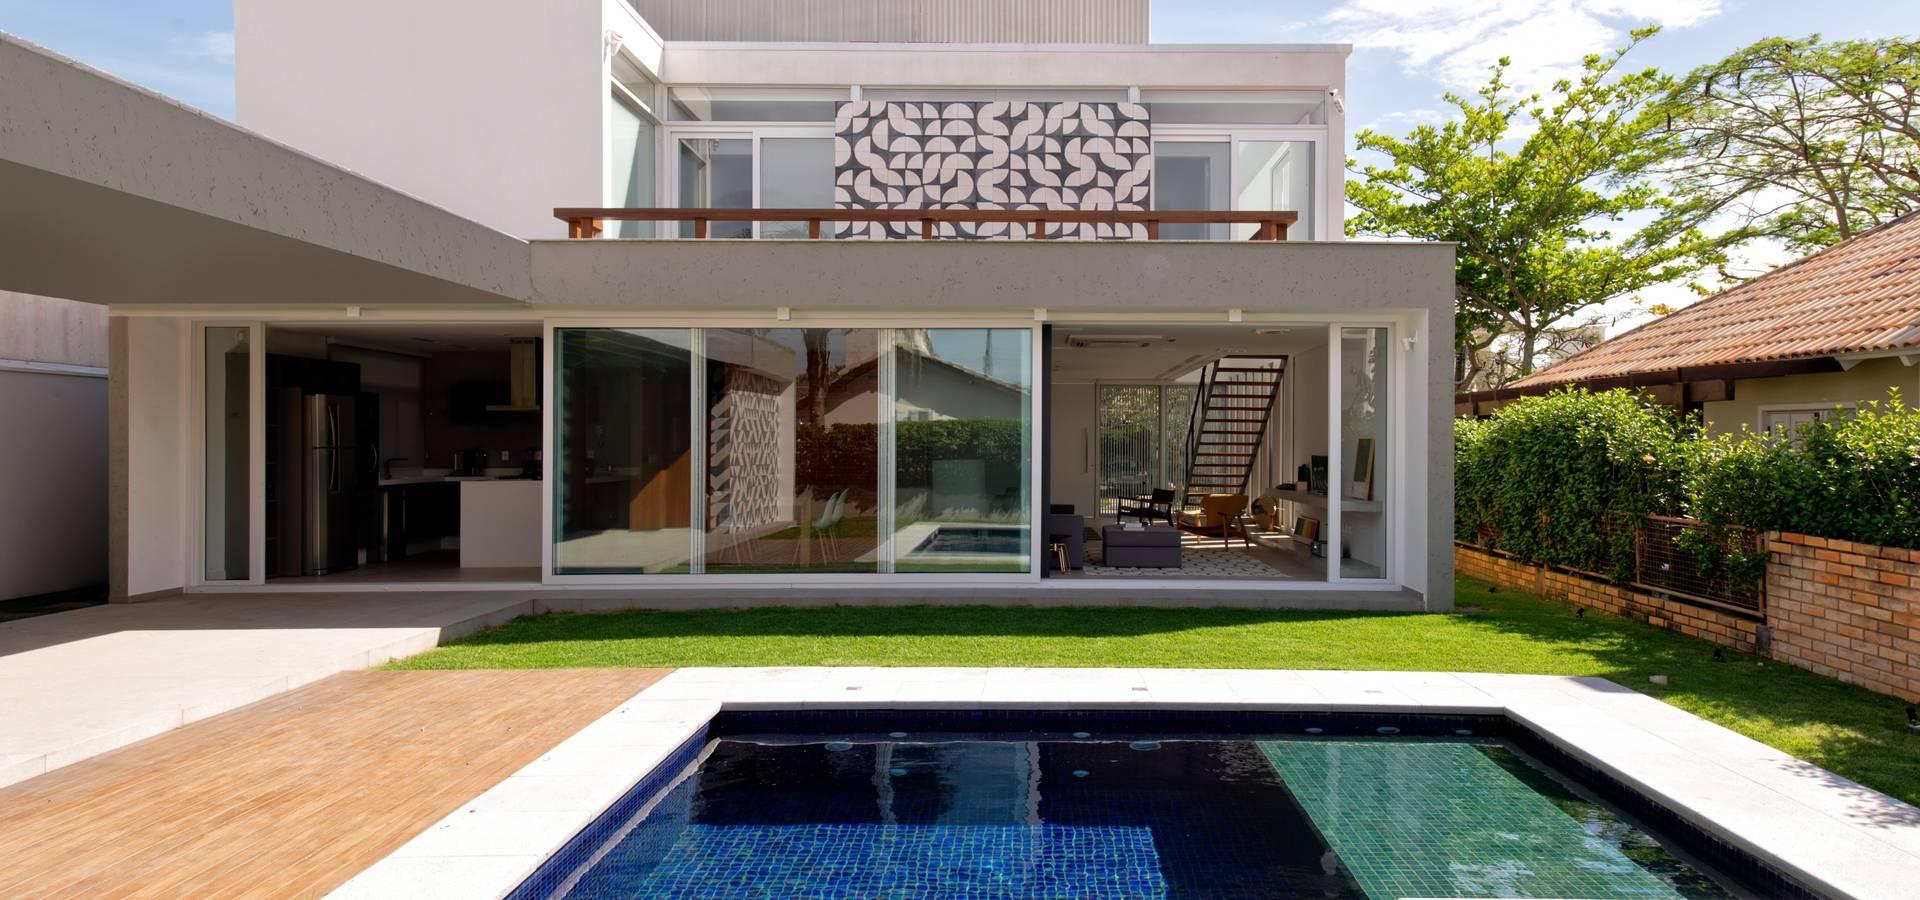 Pimont Arquitetura